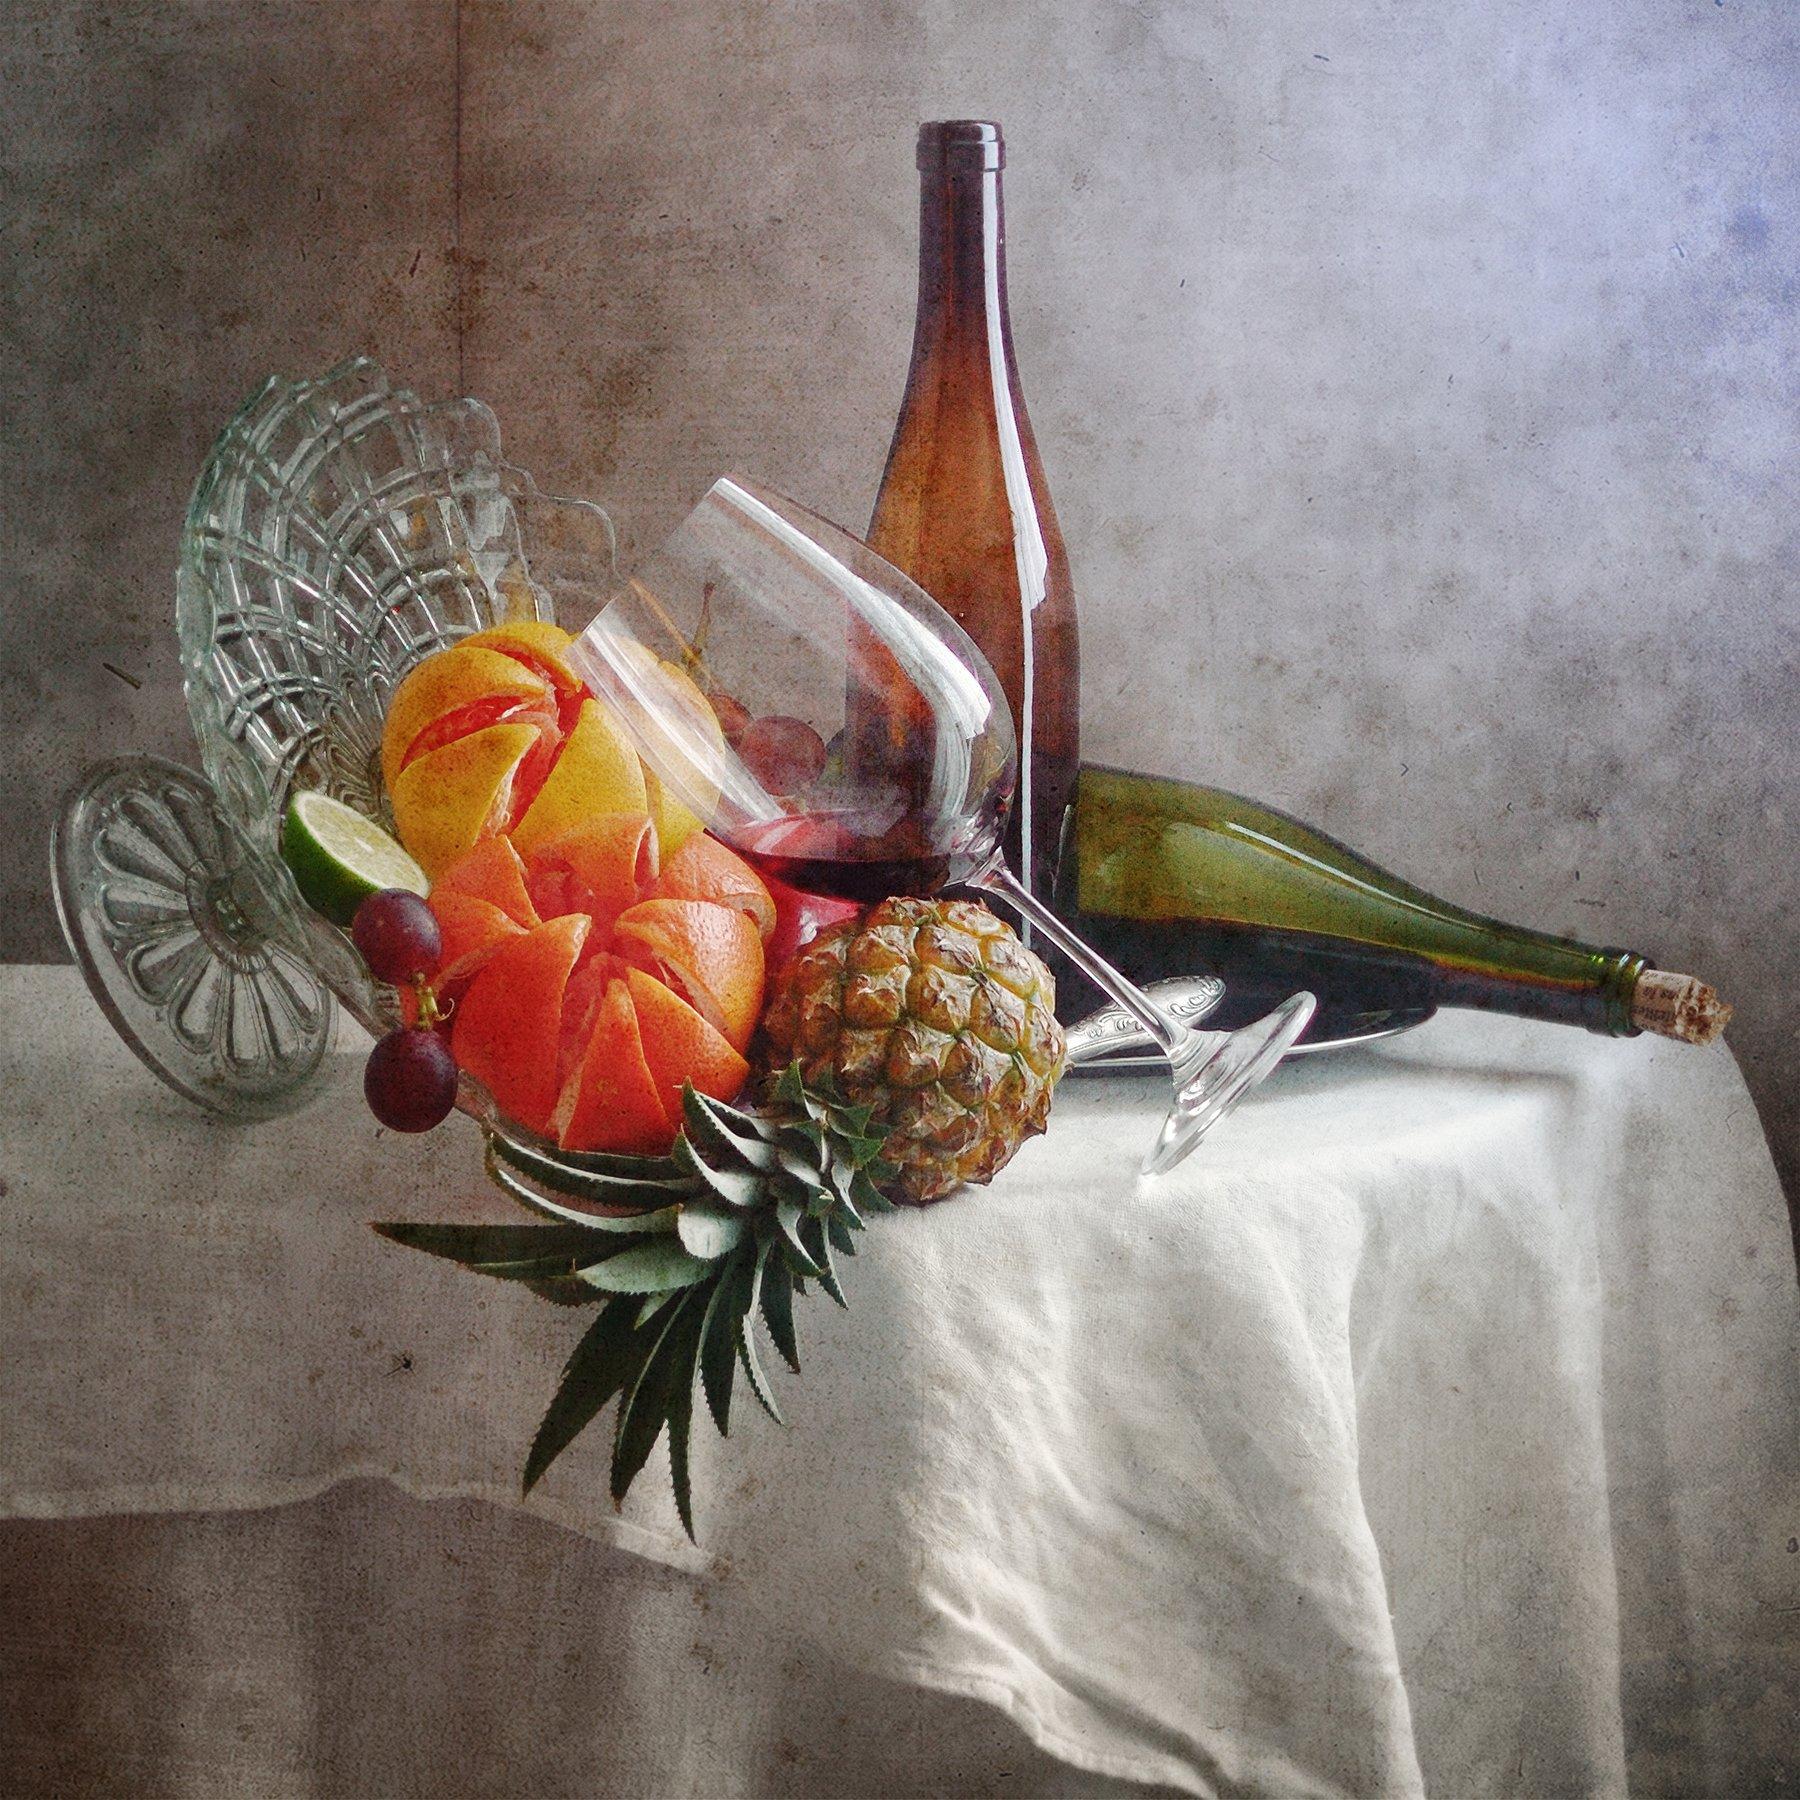 Фруктовый, натюрморт, желтыый, красный, гранат, ананас, бокал, красный, вино, зеленый, бутылка, беспорядок, белый, скатерть, домашний, интерьер, Николай Панов